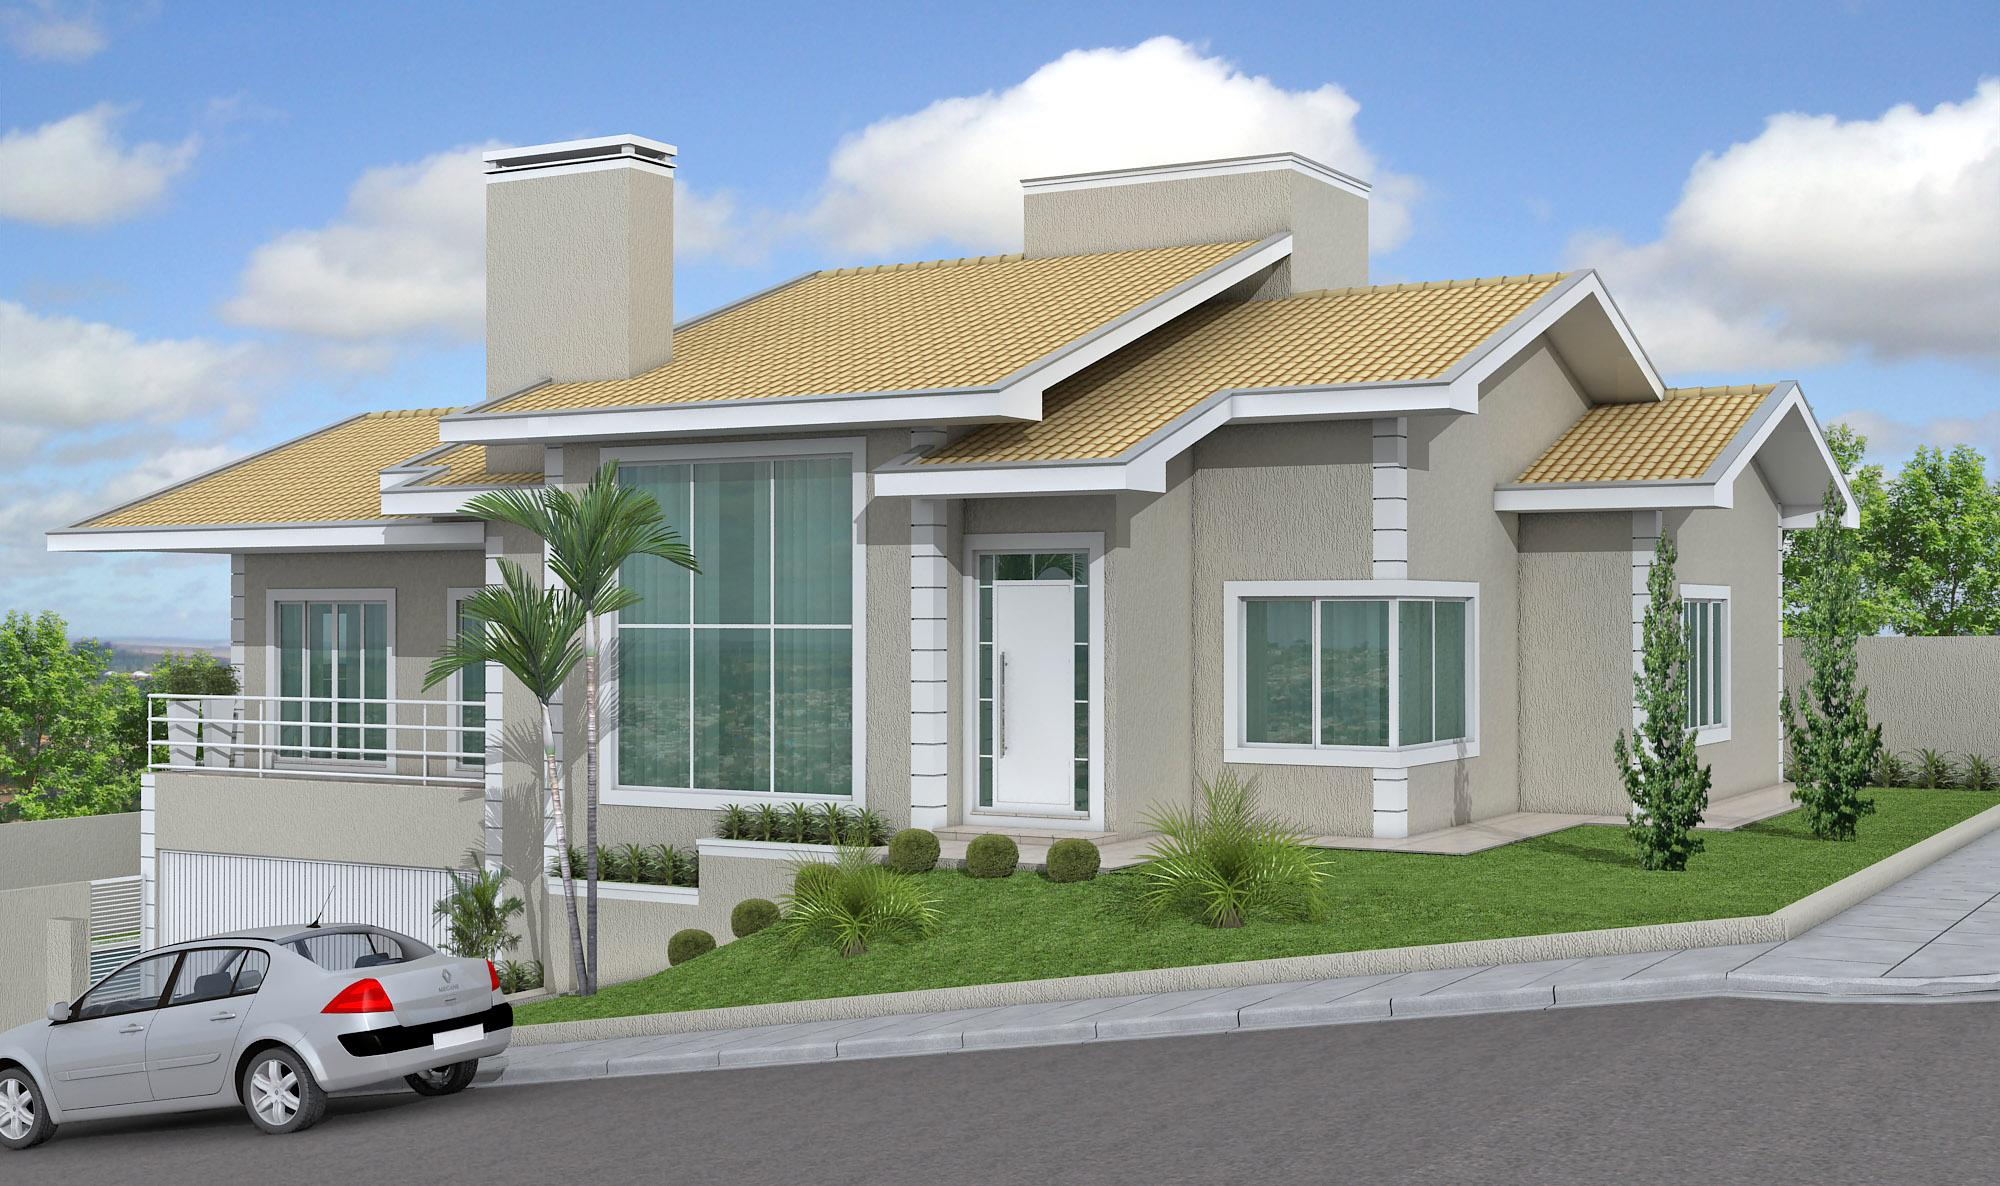 50 fachadas de casas de esquina lindas e inspiradoras for Modelo de casa de 4x6